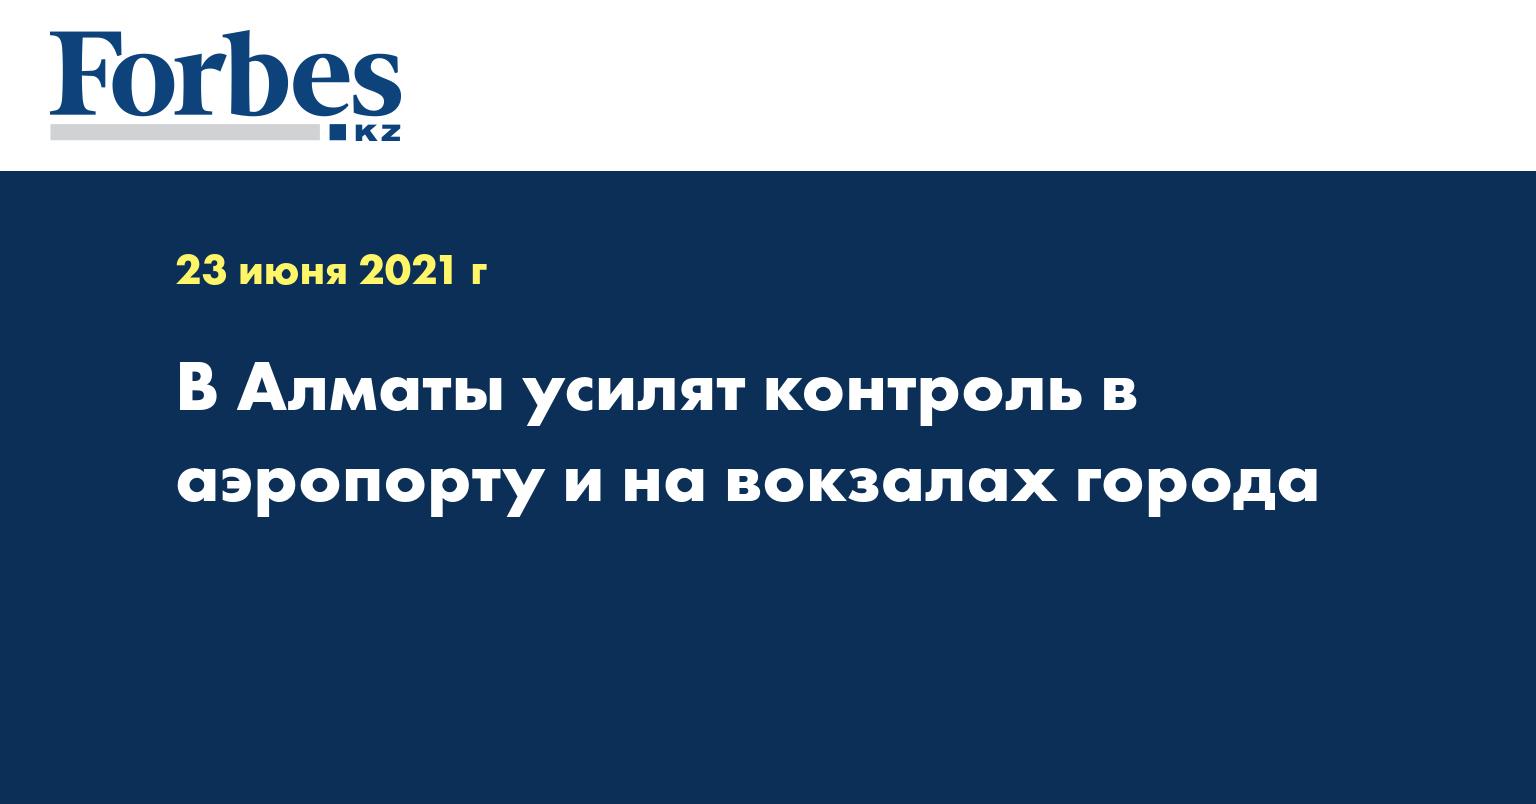 В Алматы усилят контроль в аэропорту и на вокзалах города